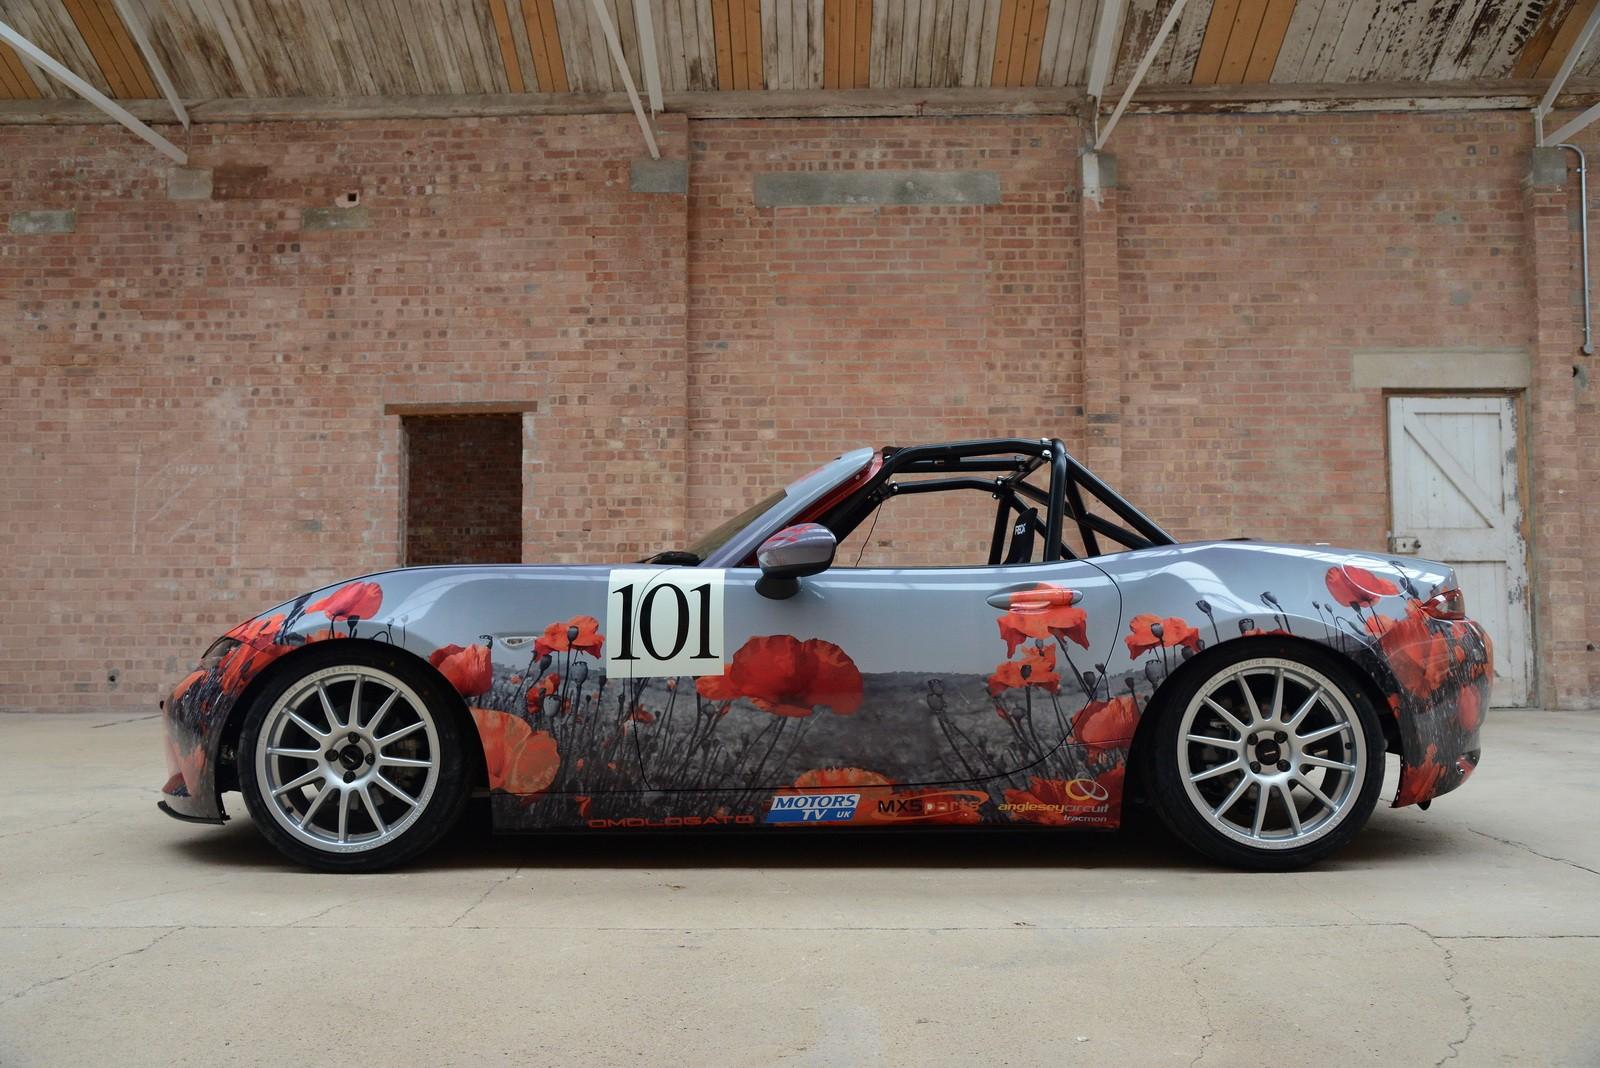 2016 mazda mx 5 miata with poppy art car livery